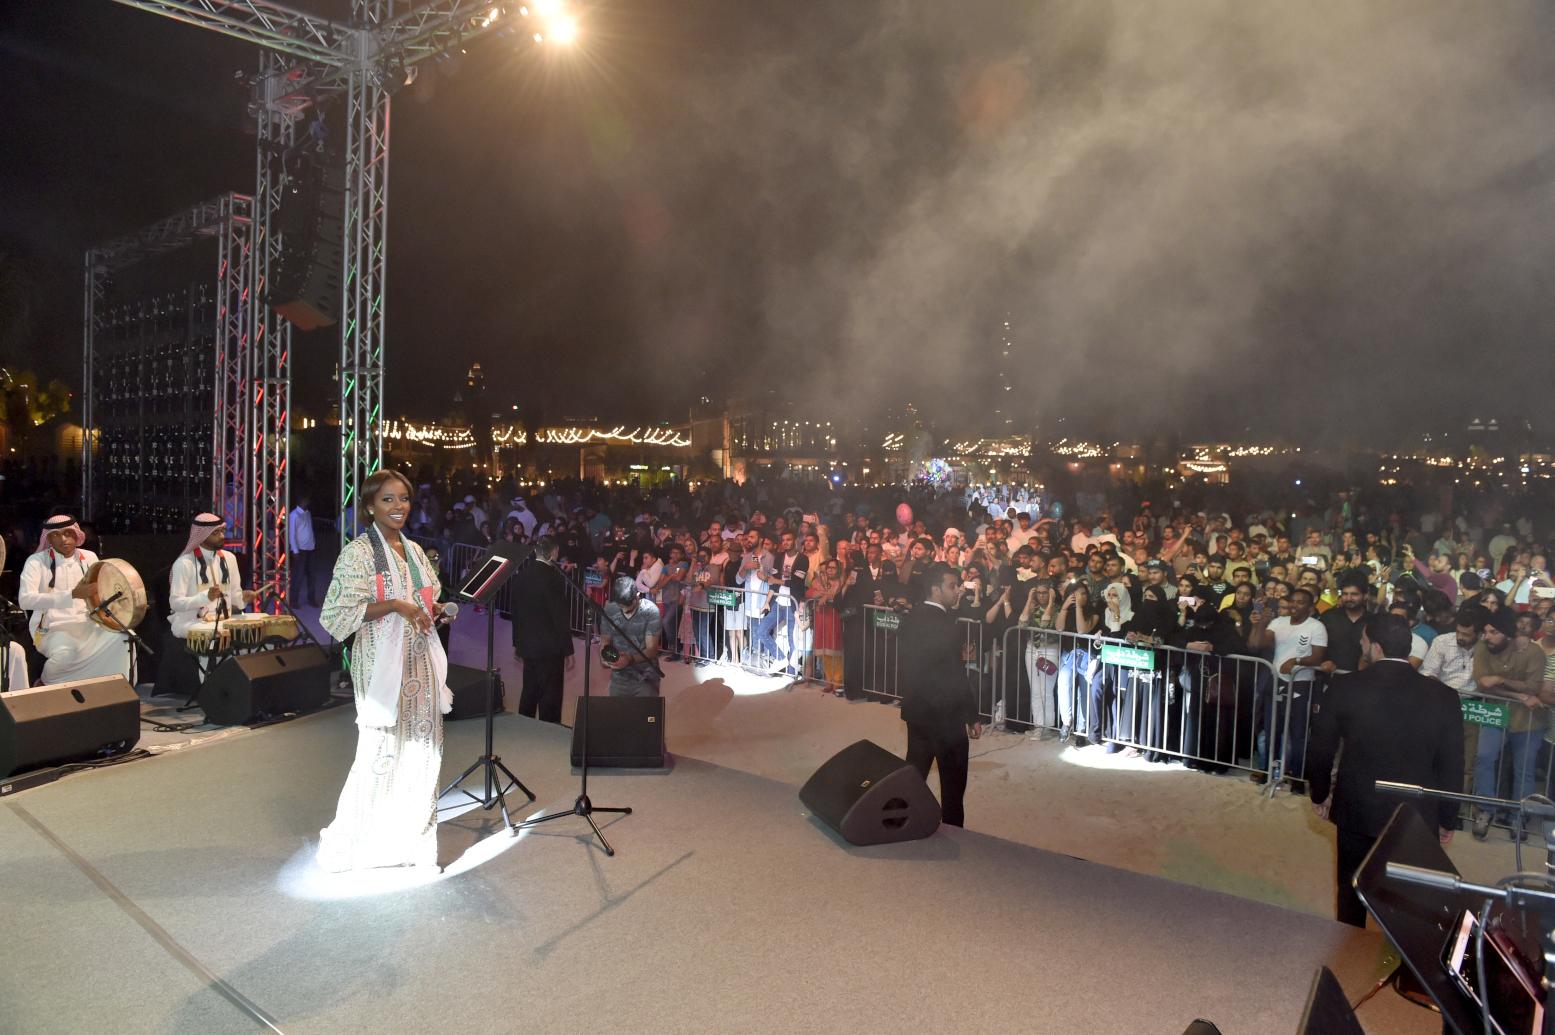 صورة بالصور : نجاح حفلات نجوم الخليج بمناسبة العيد الوطني لدولة الامارات العربية المتحدة